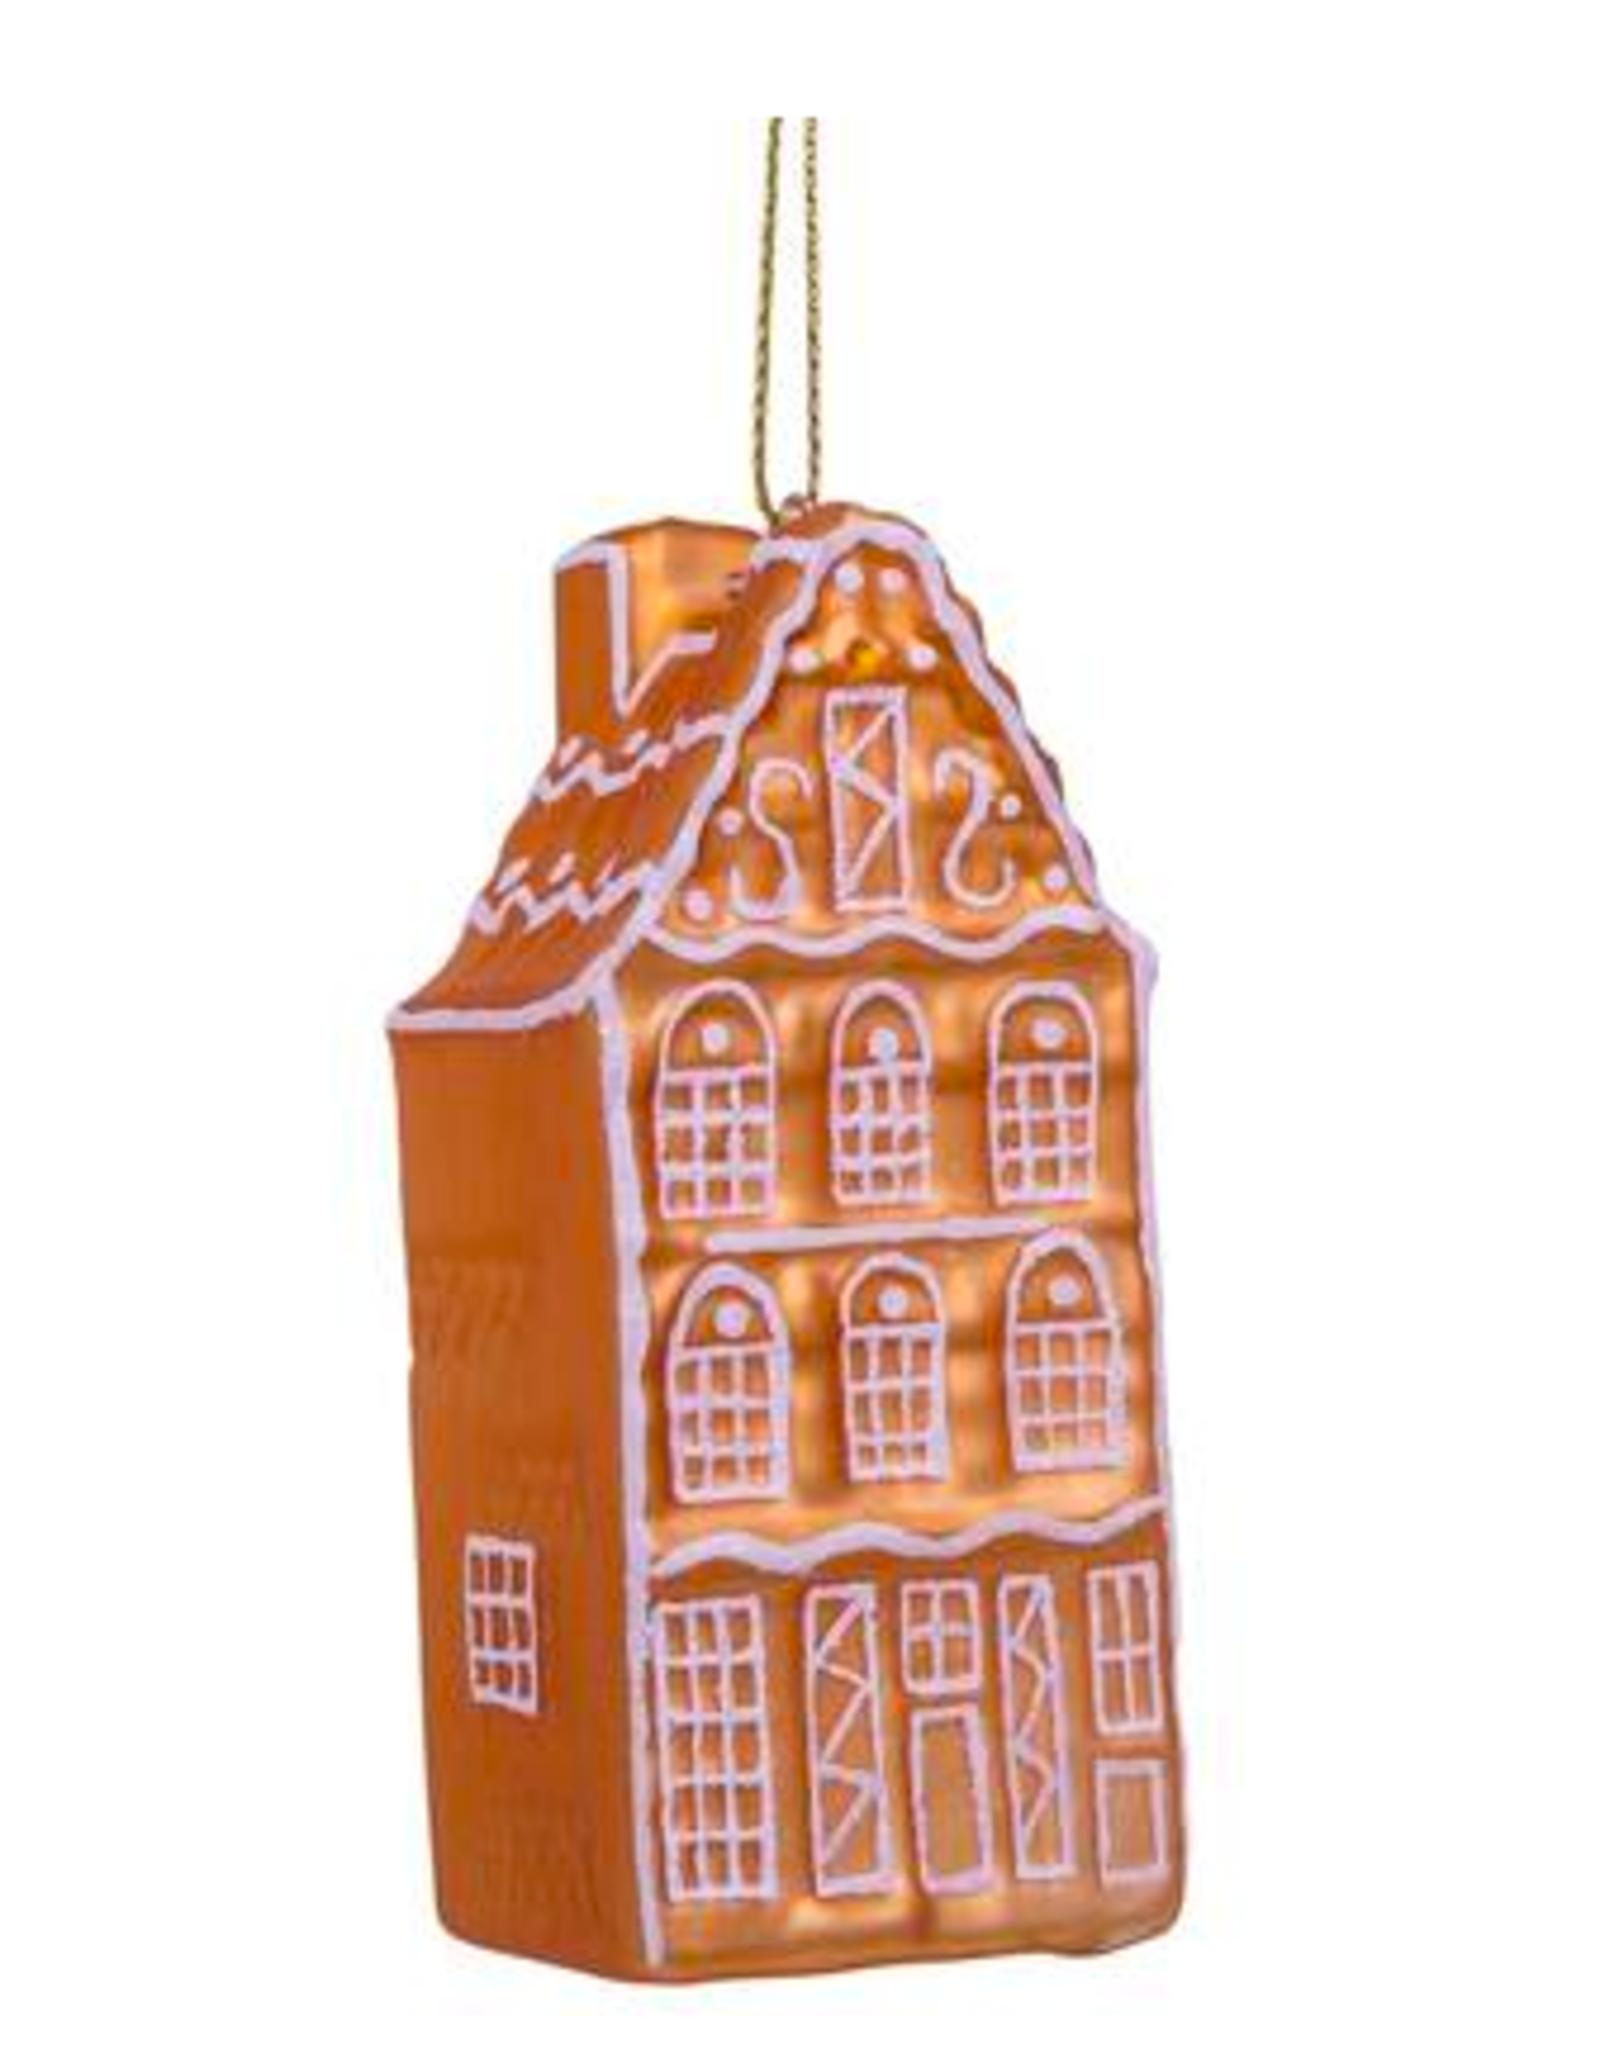 Vondels Ginger bread house christmas ornament